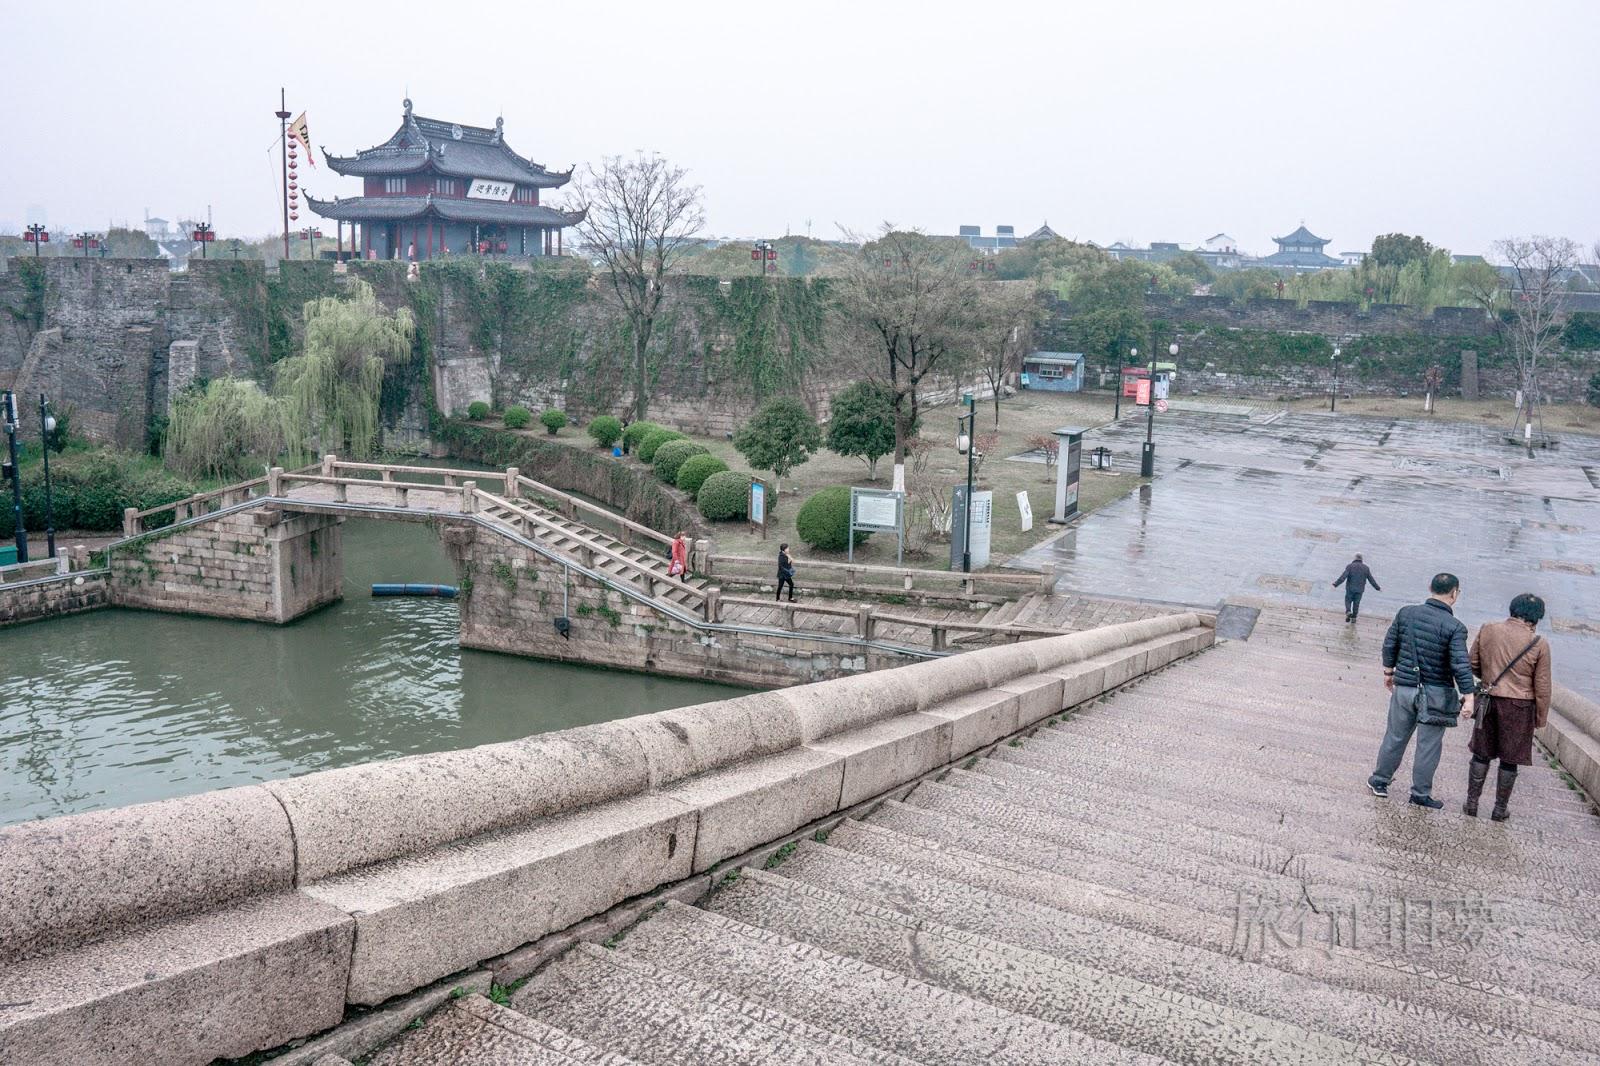 蘇州古城│「盤門三景」水陸城門、吳門橋、瑞光塔-京杭大運河景點